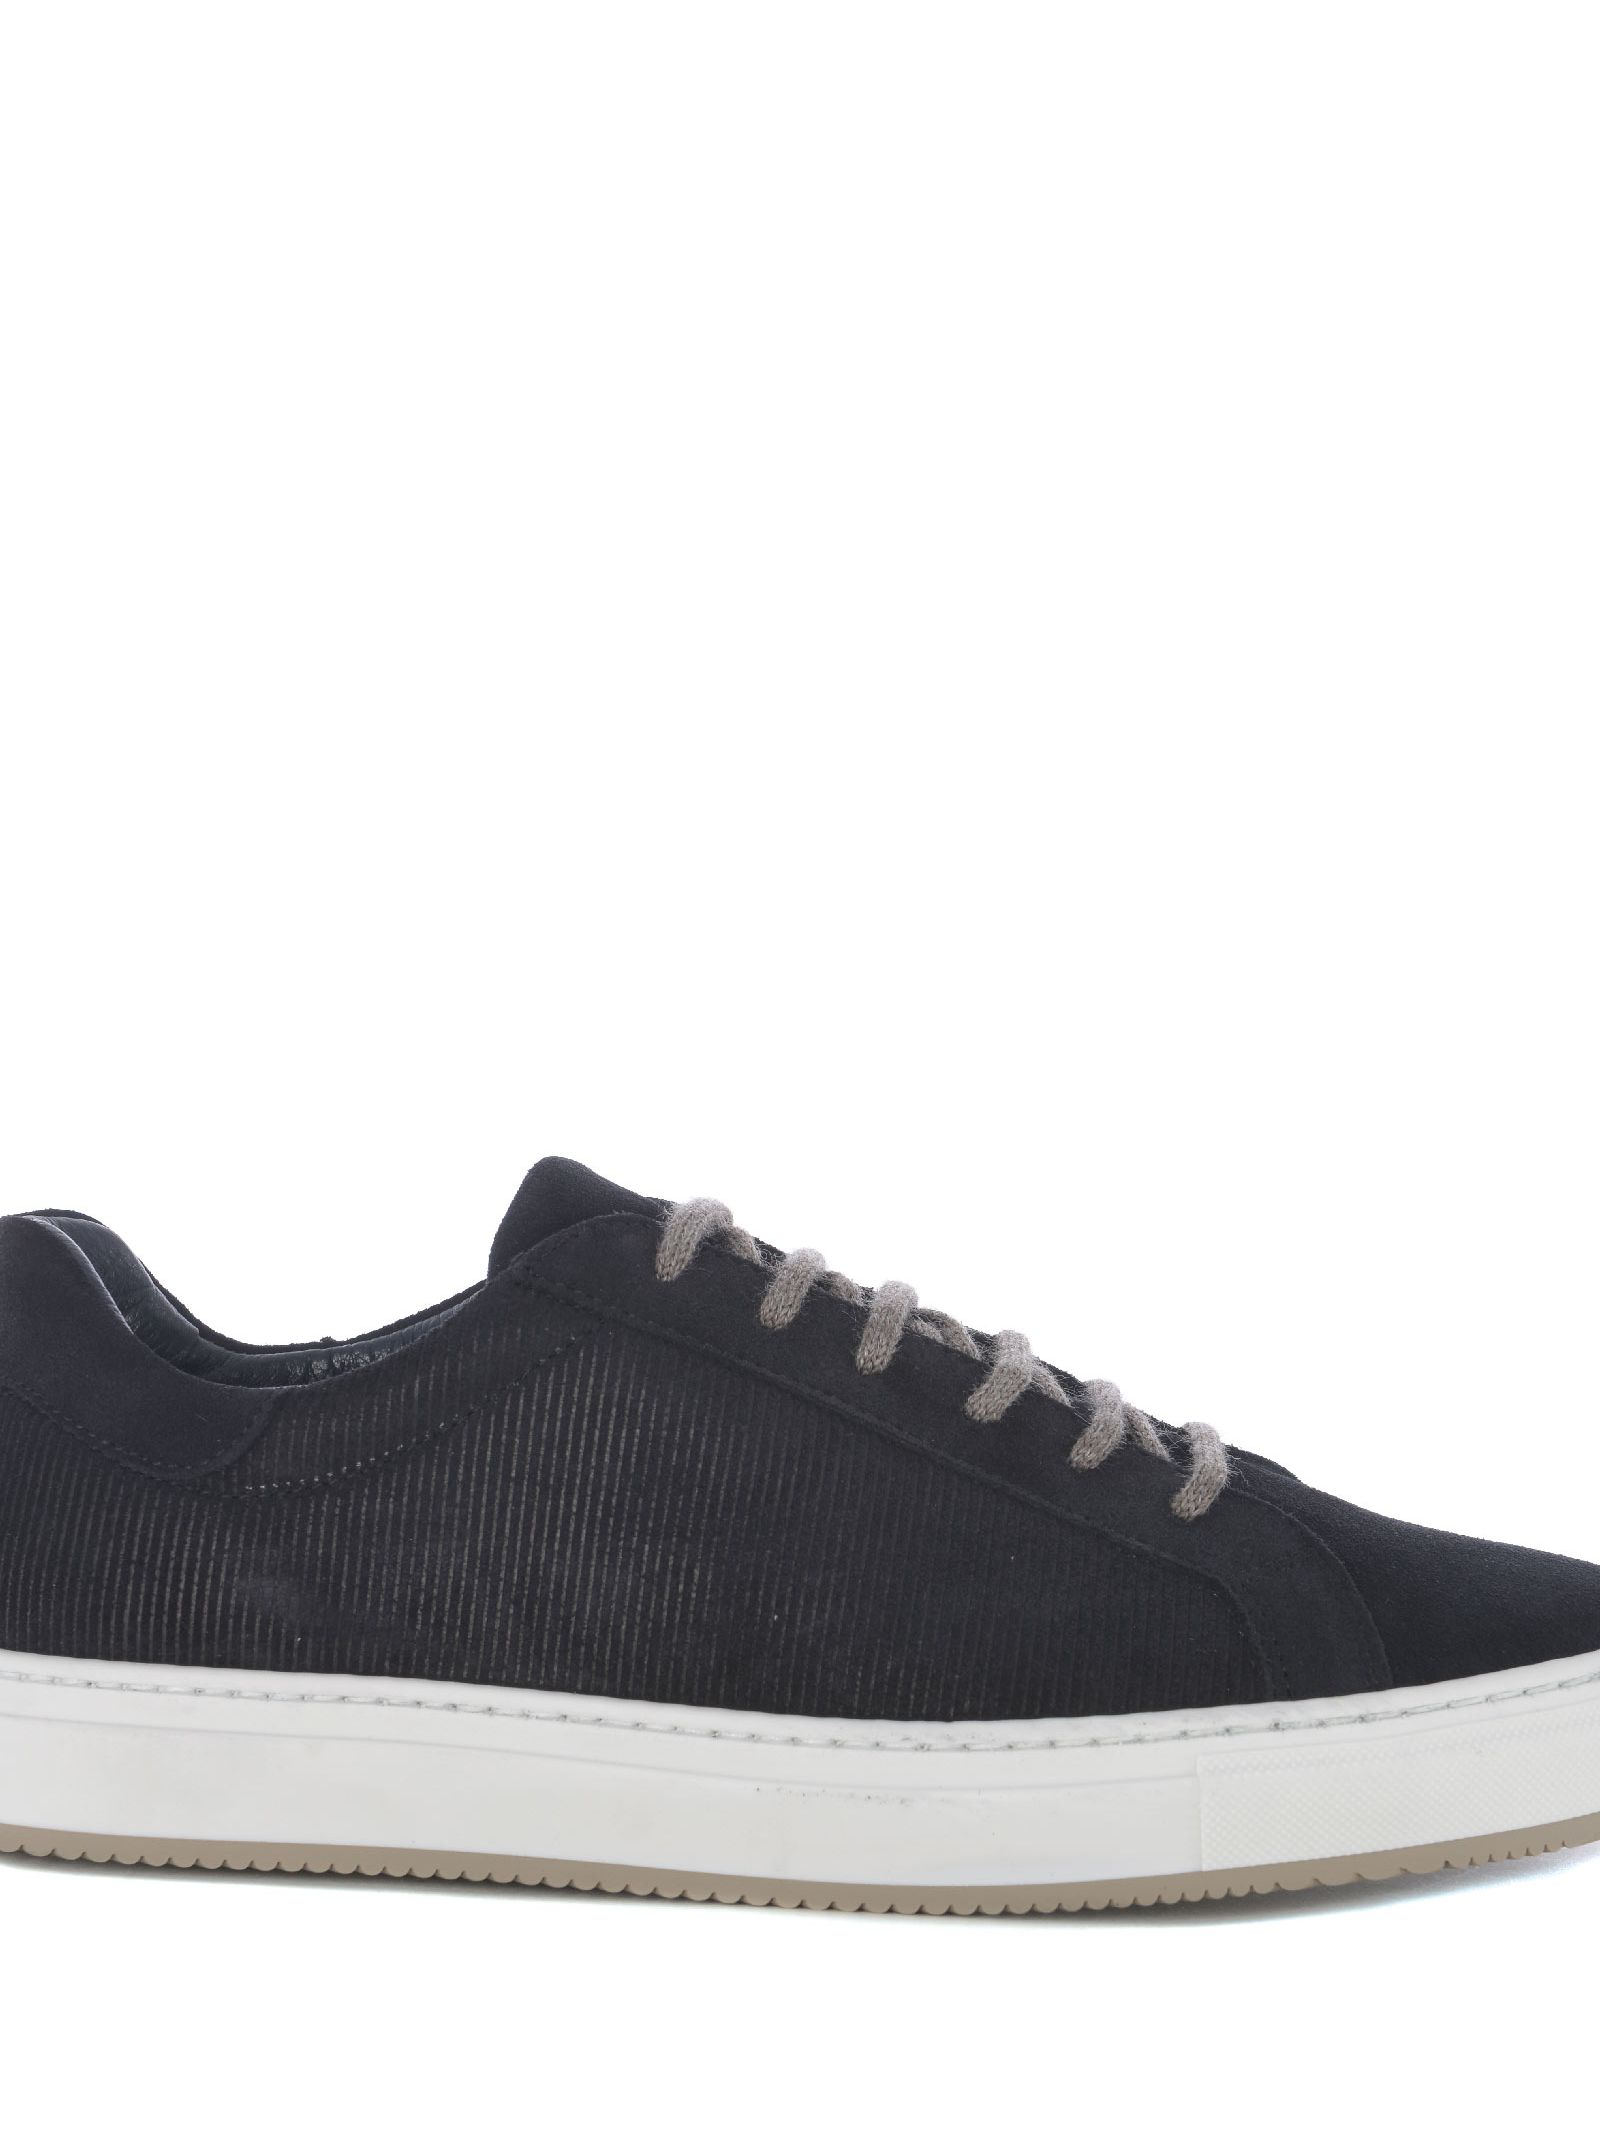 ANDREA ZORI Classic Sneakers in Blu Notte